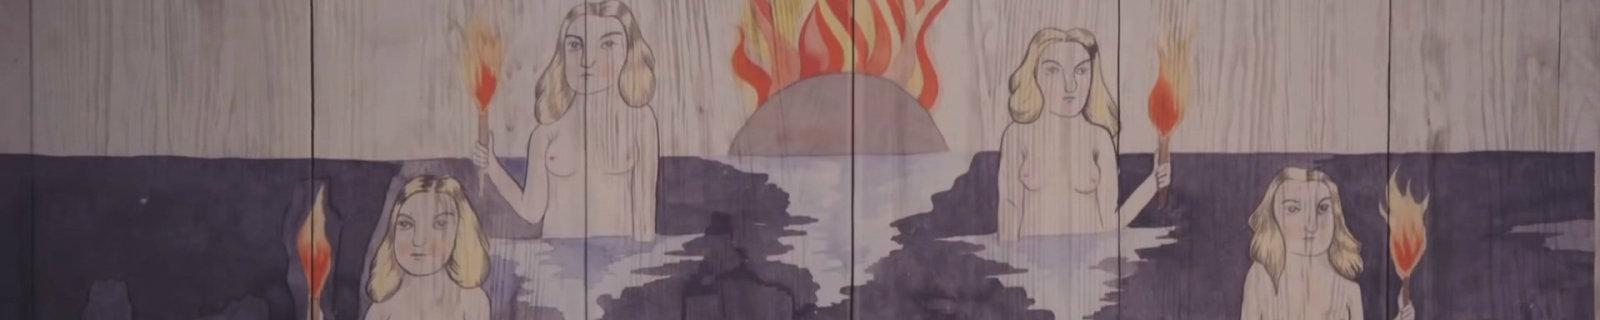 《遗传厄运》导演新作《仲夏节》发布预告,关键词:田园、邪教、仪式